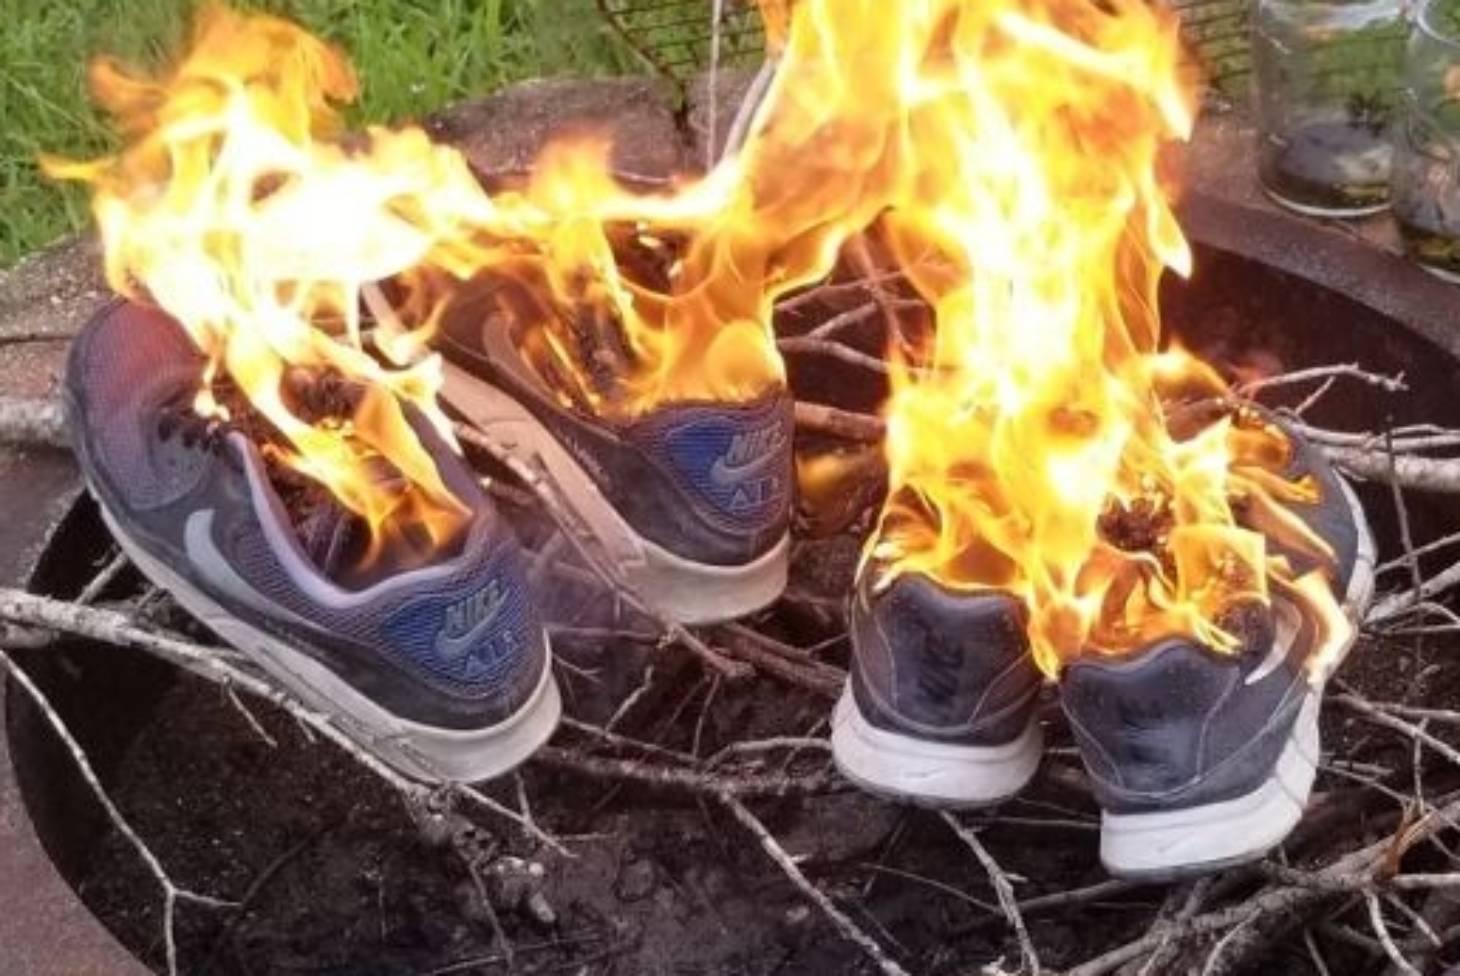 People burn their Nike clothing